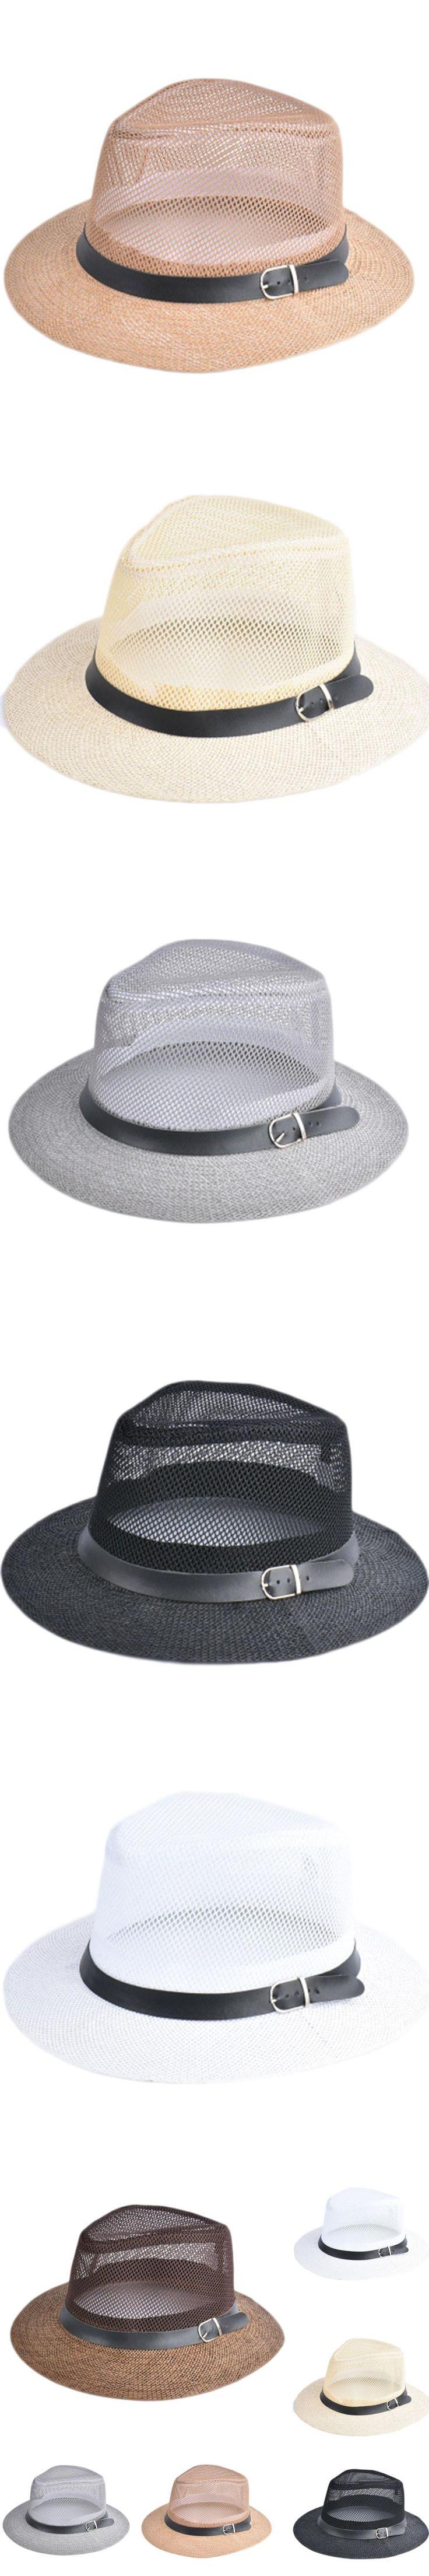 2017 Summer Straw Bucket Hat For Male Jazz Visor Cap For Gentleman Dad Hat Plus Size Mesh Flat Homburg Beach Hat Gorras